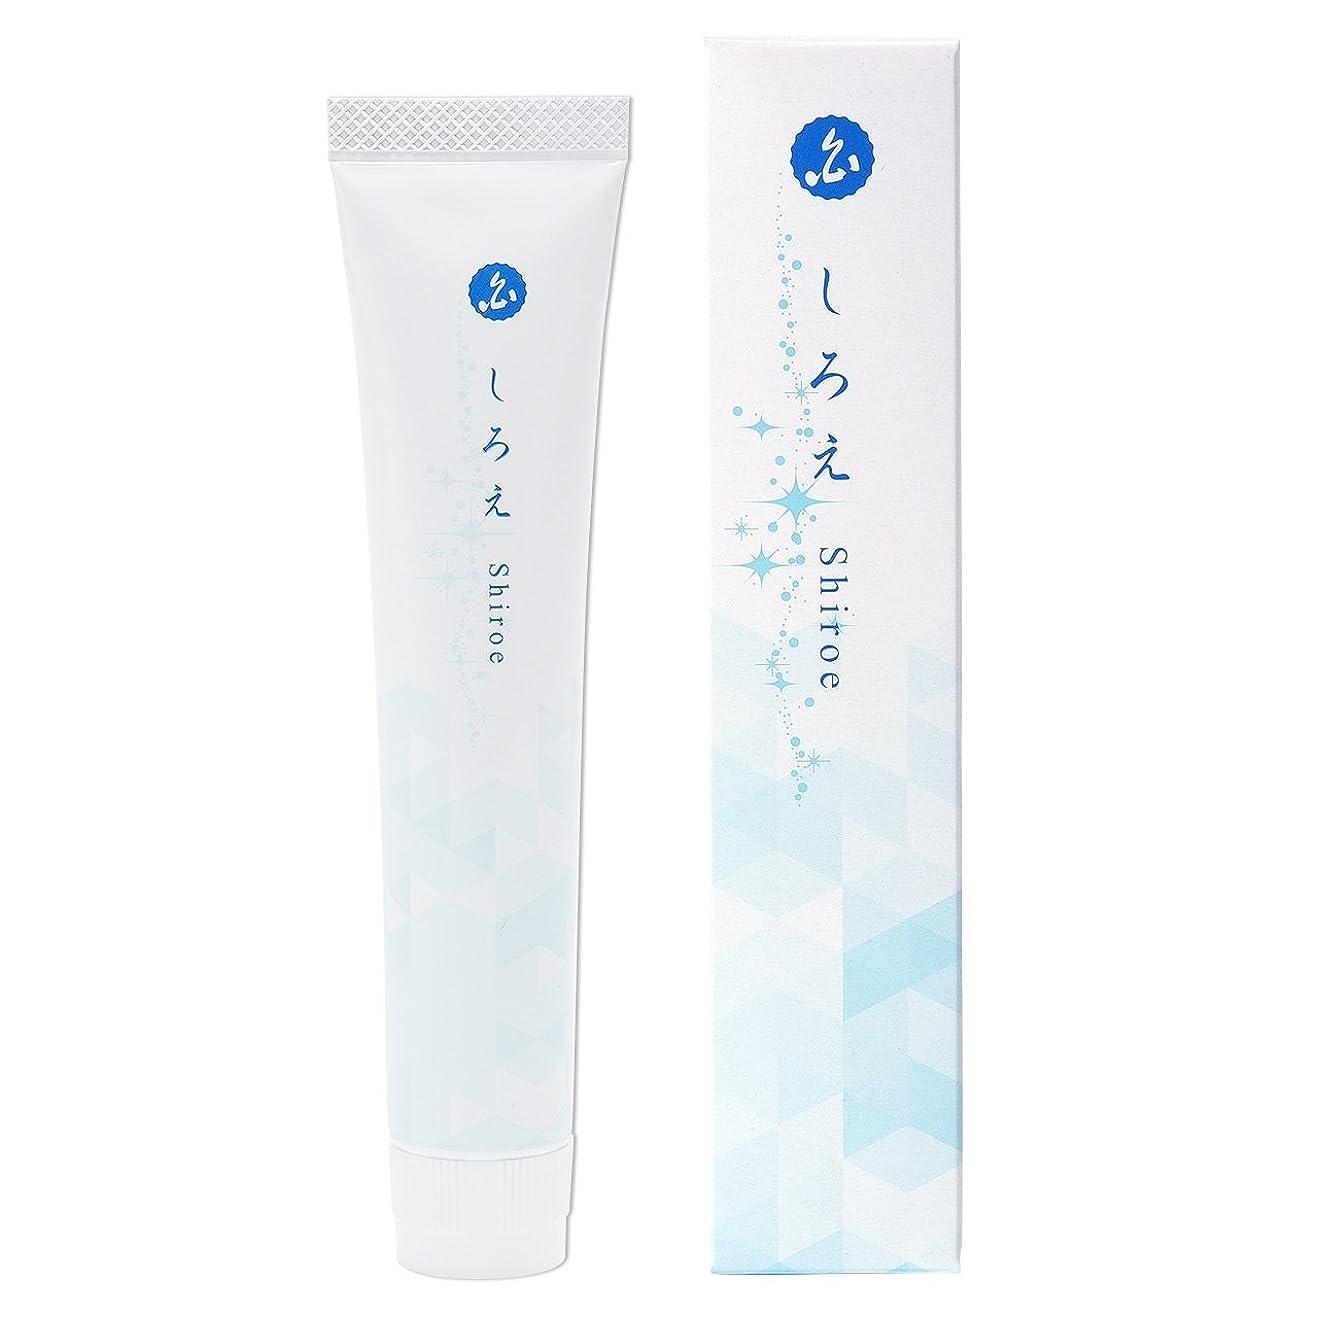 到着するジェット無臭薬用しろえ歯磨きジェル ホワイトニング歯磨き粉 医薬部外品 はみがき粉 50g 日本製